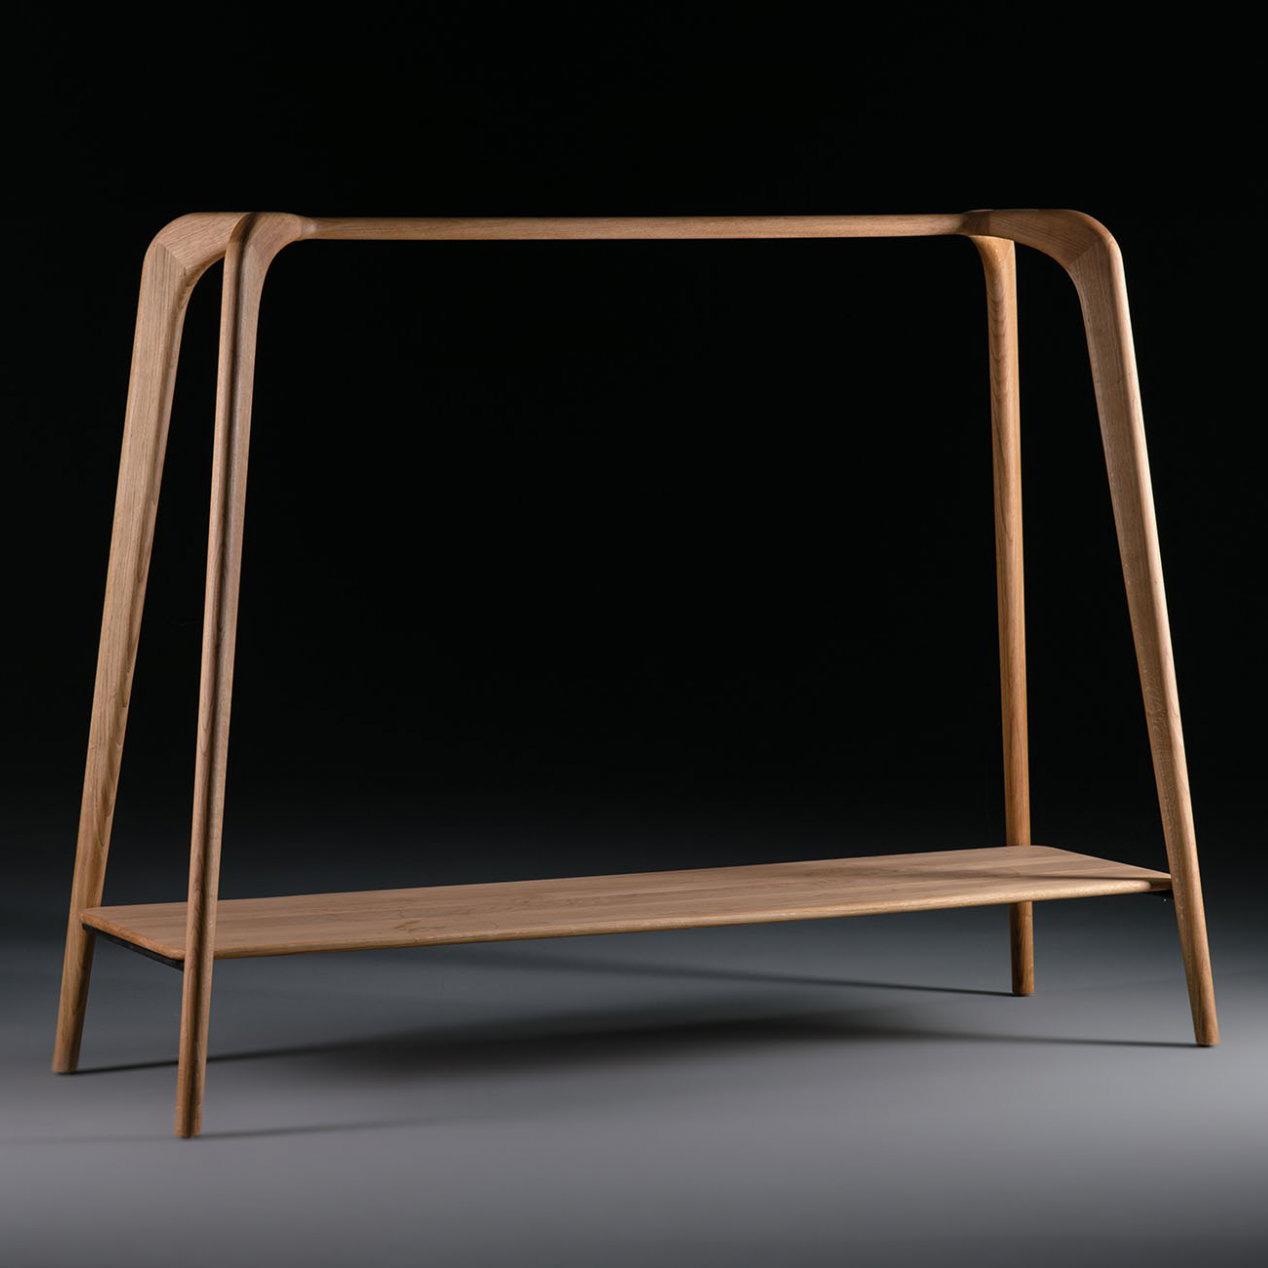 Perchero Swing, en madera maciza con un diseño vanguardista y de producción artesana.